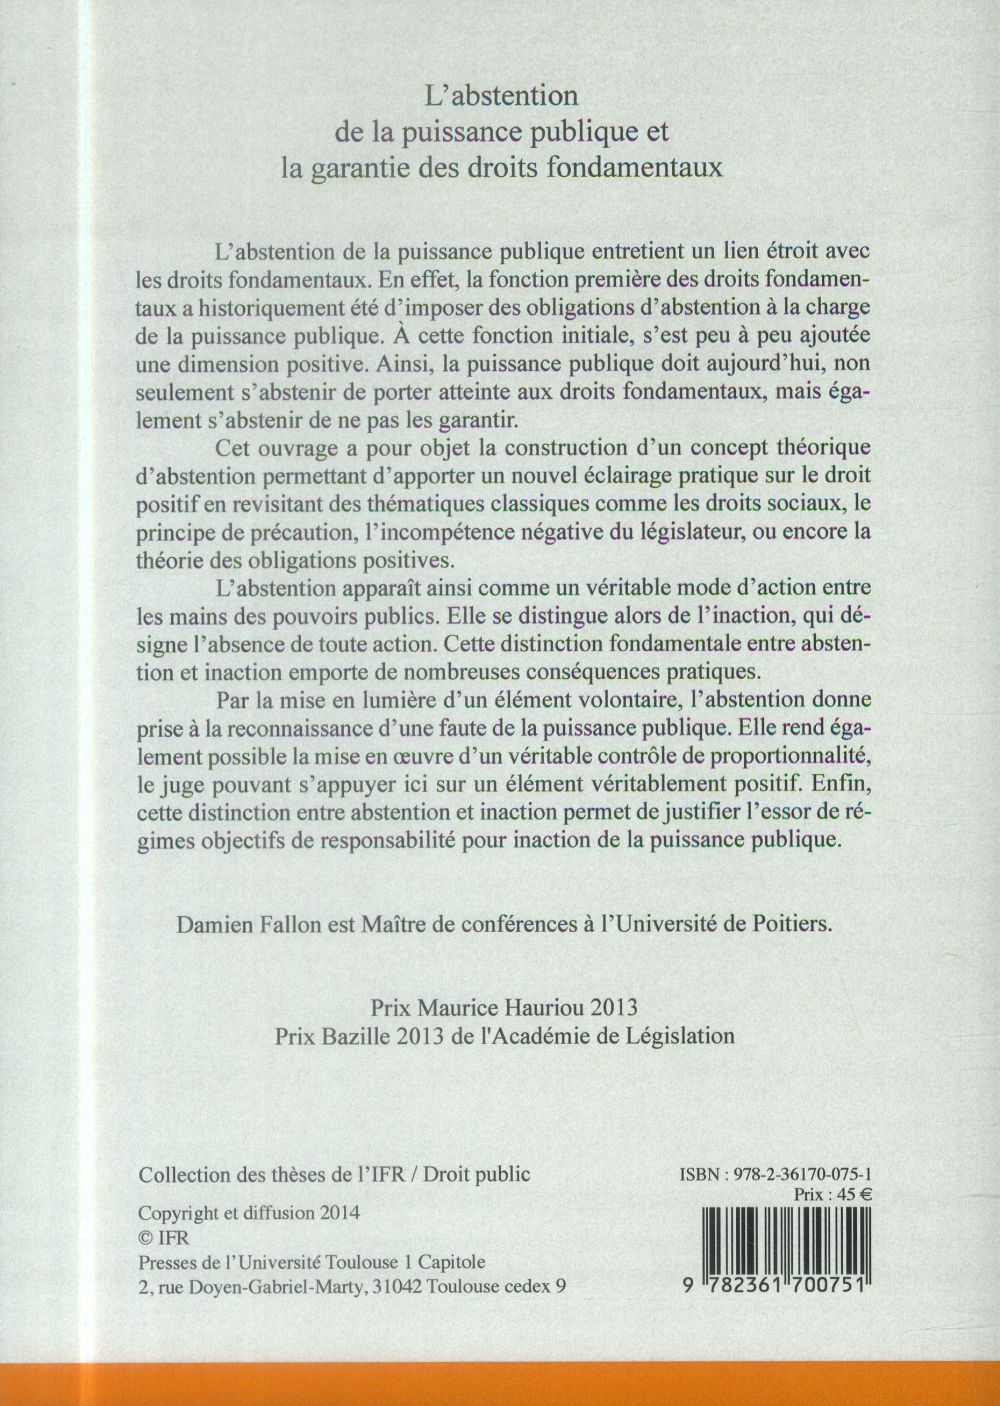 l'abstention de la puissance publique et la garantie des droits fondamentaux